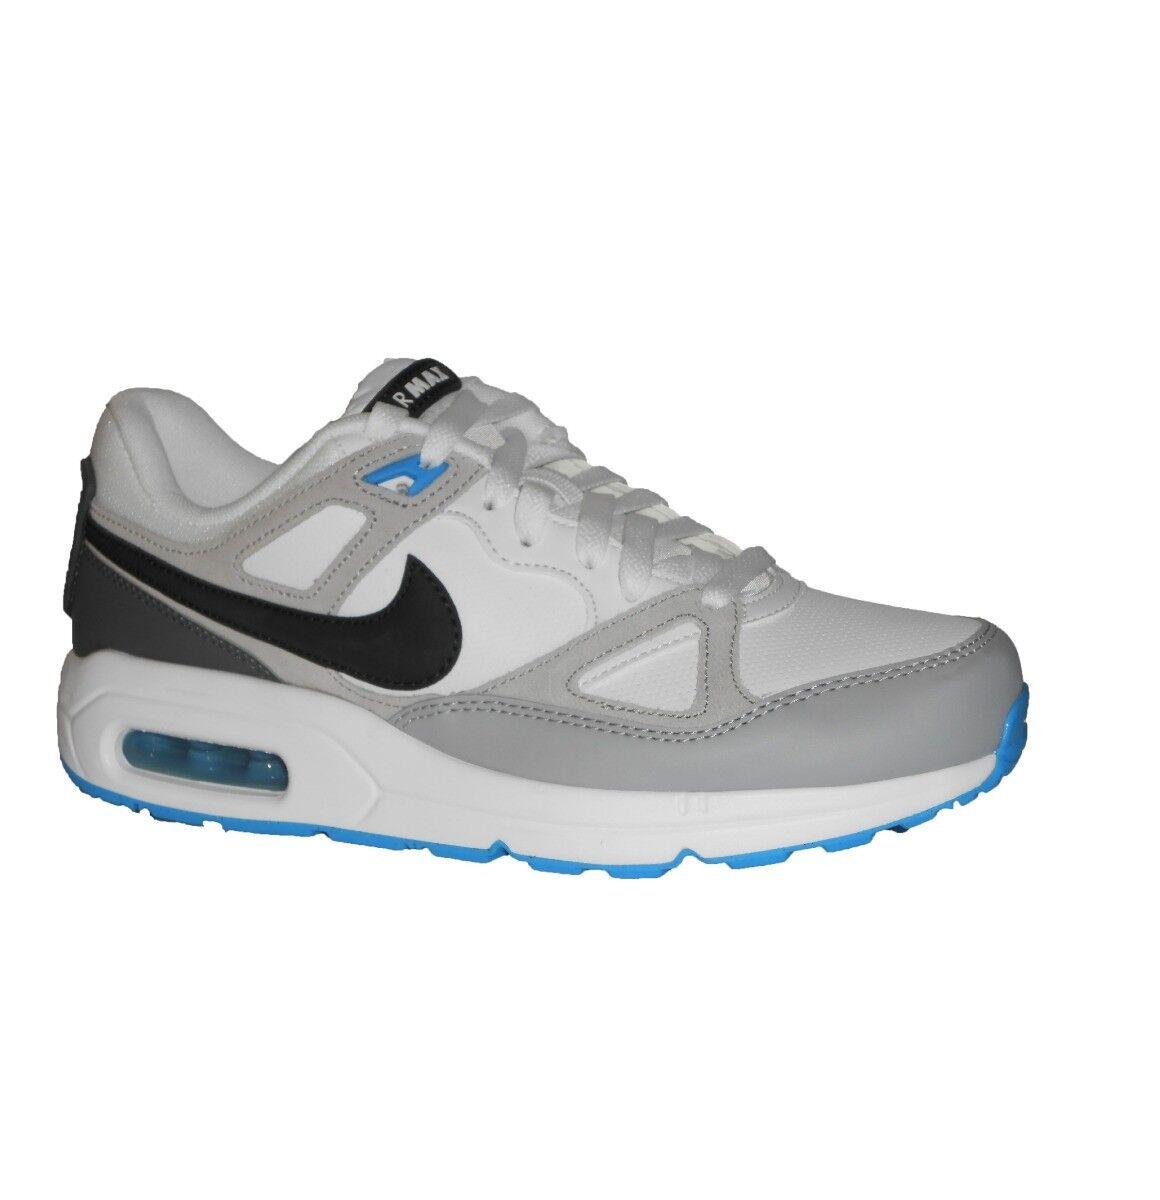 Nike Hombre Air Max palmo Zapatillas Hombre Nike running Blanco Negro Gris Talla 78.5 9 10 939ac1